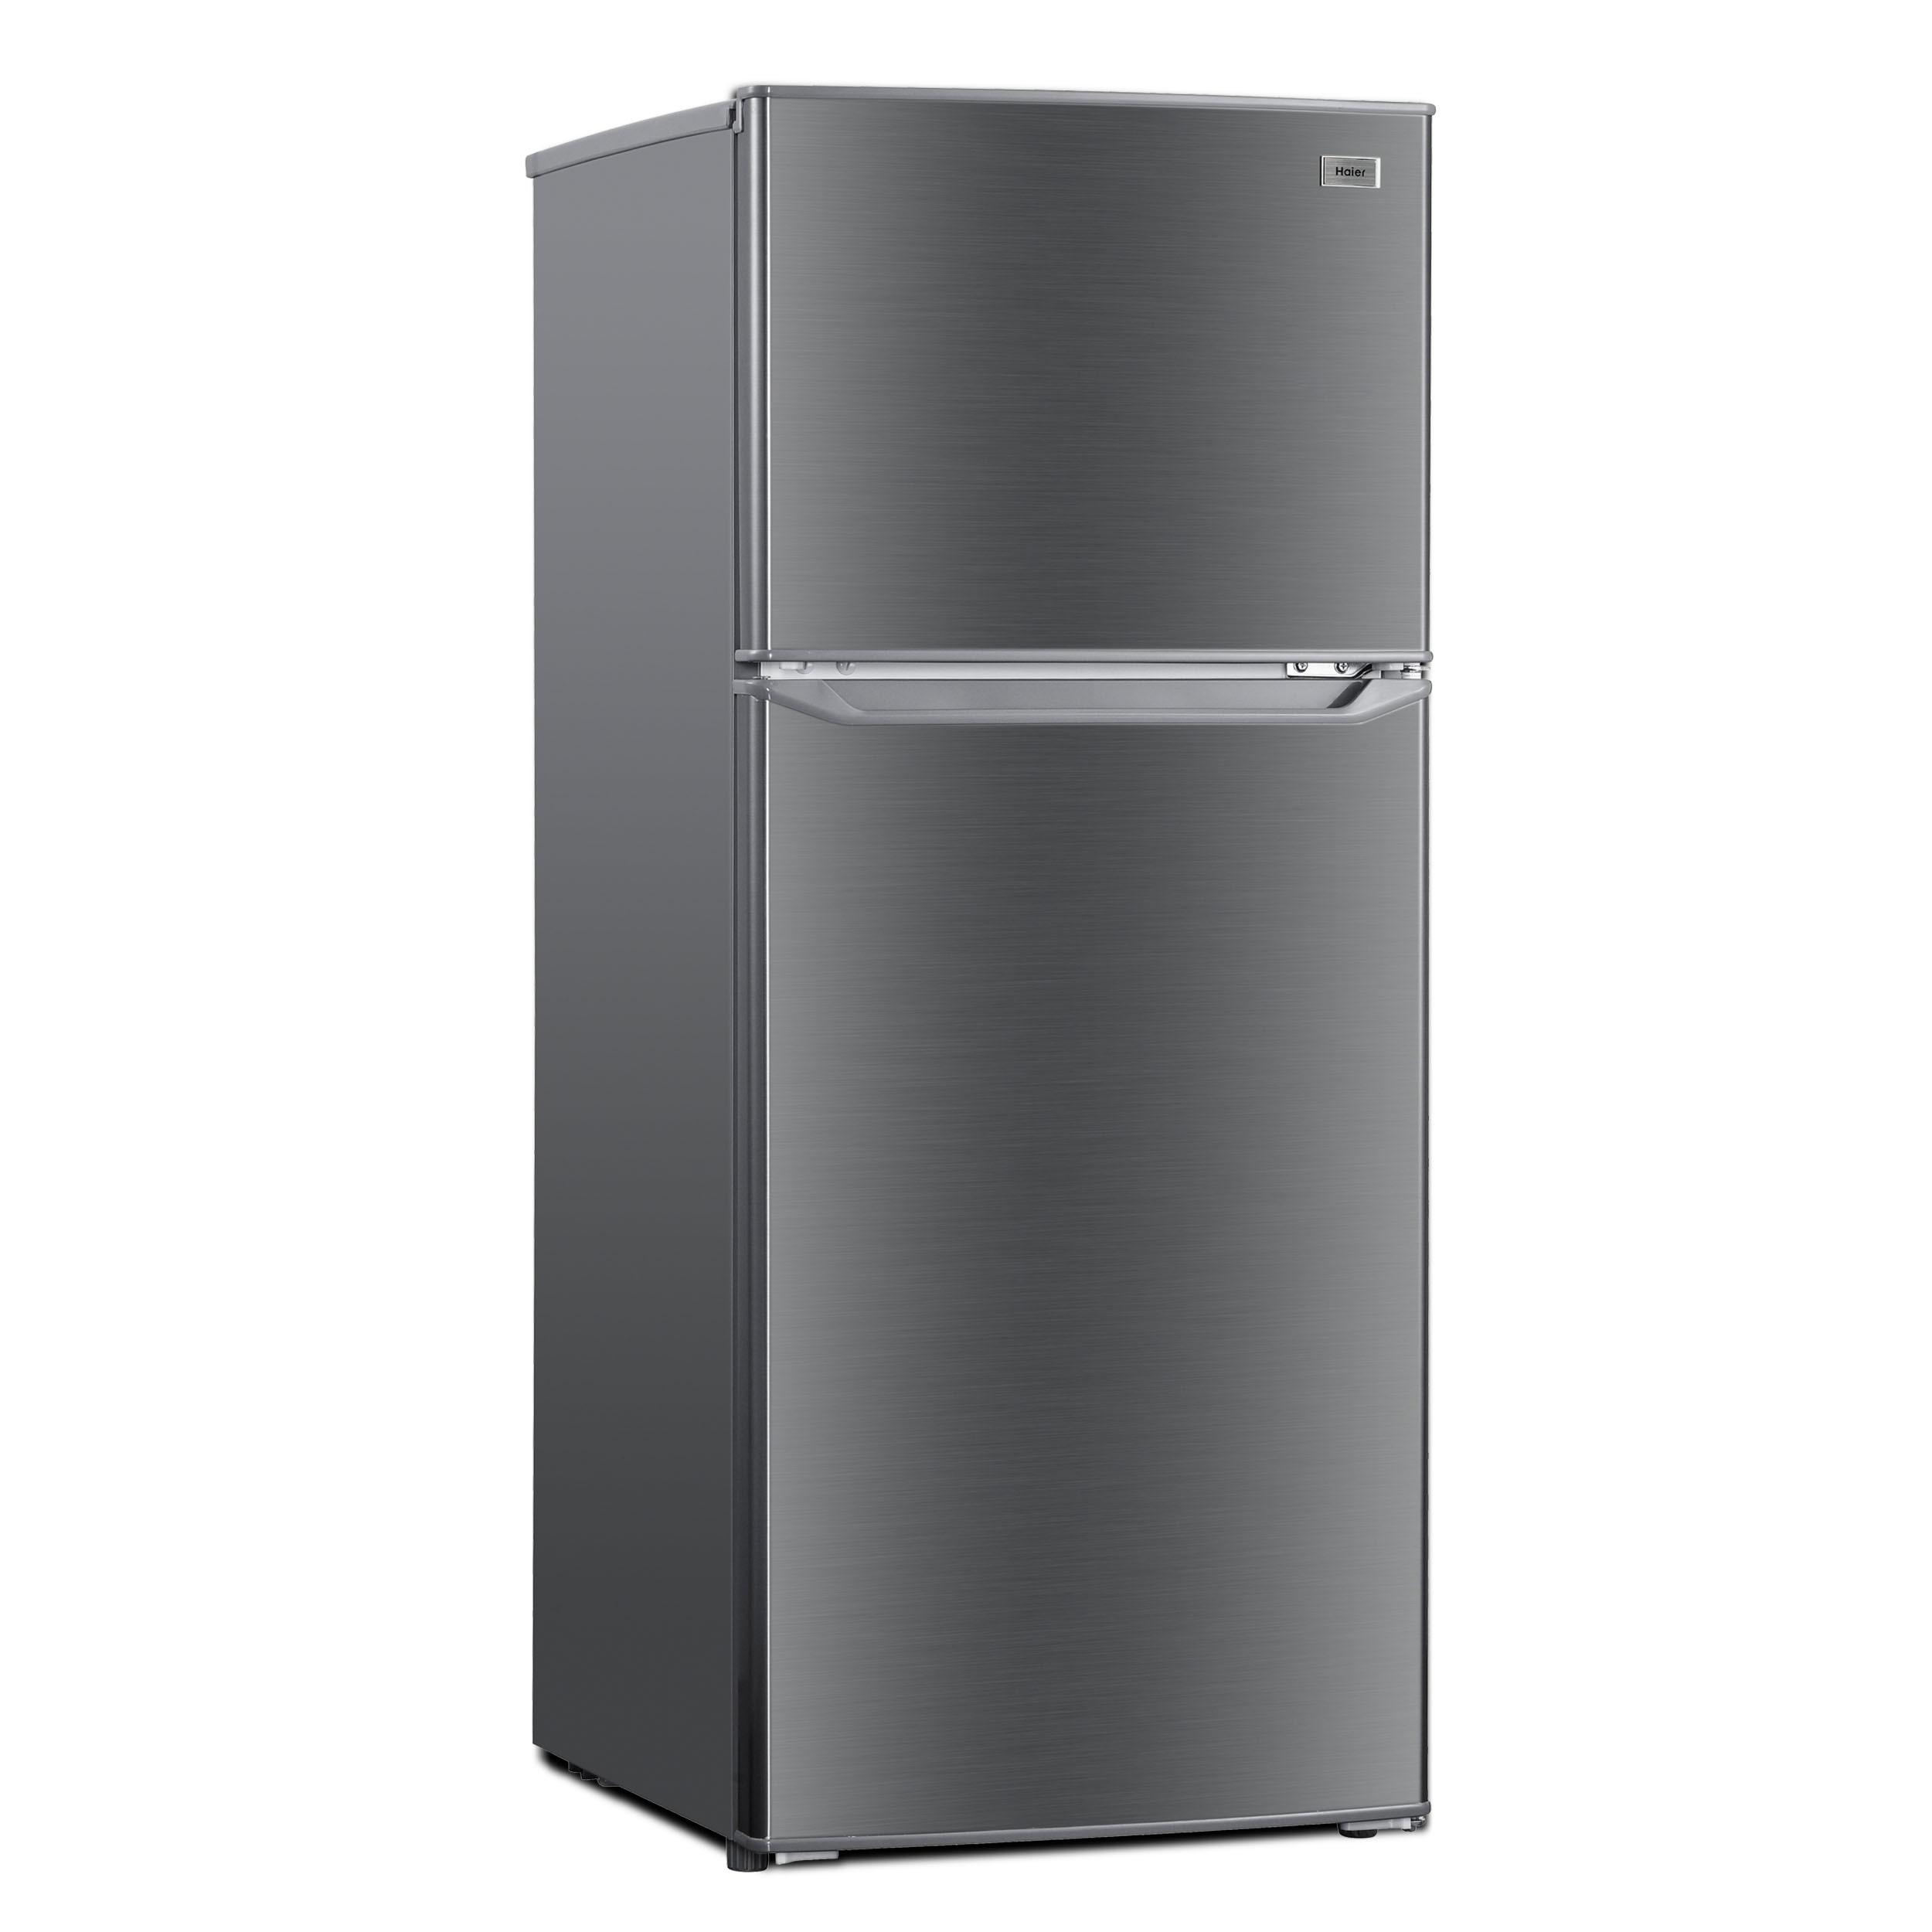 하이얼 1등급 일반소형냉장고 155L 방문설치, HRT166MDM(메탈)